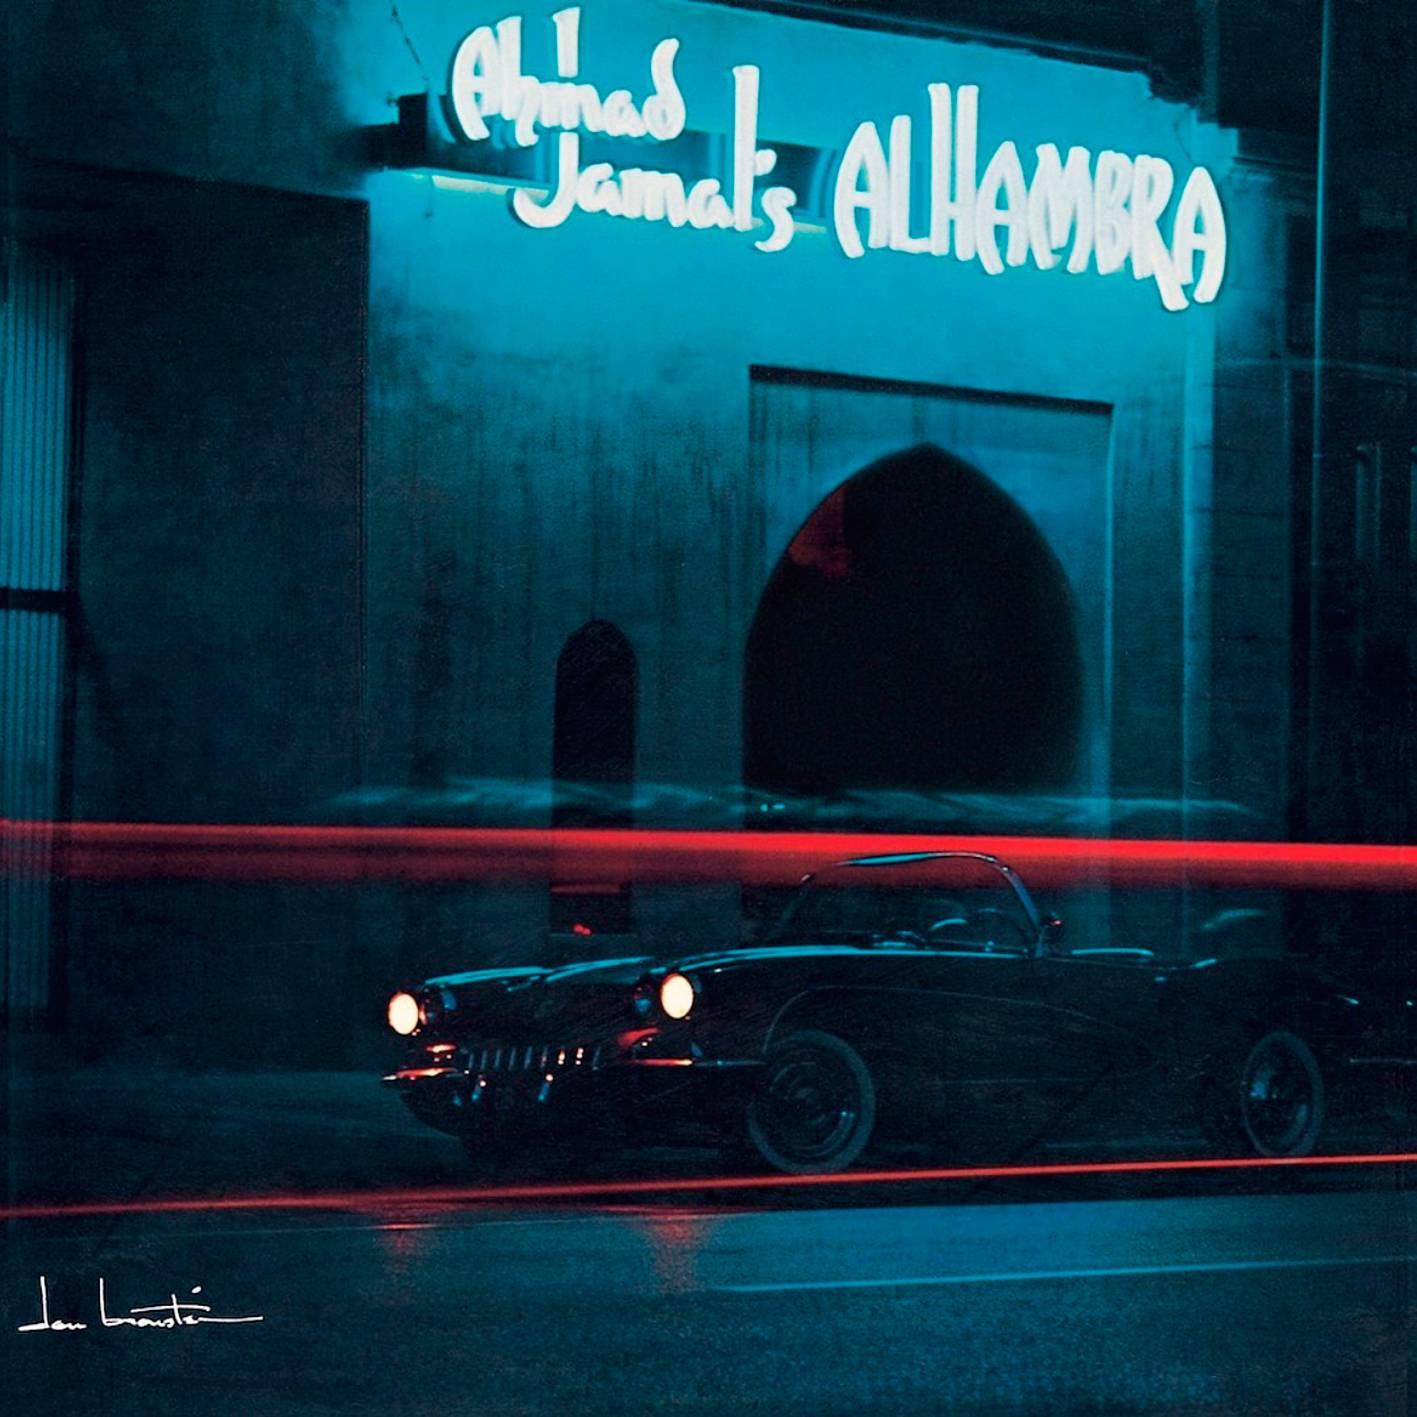 Ahmad Jamal - Ahmad Jamal's Alhambra (1961/2013) [DSD64 + Hi-Res FLAC]